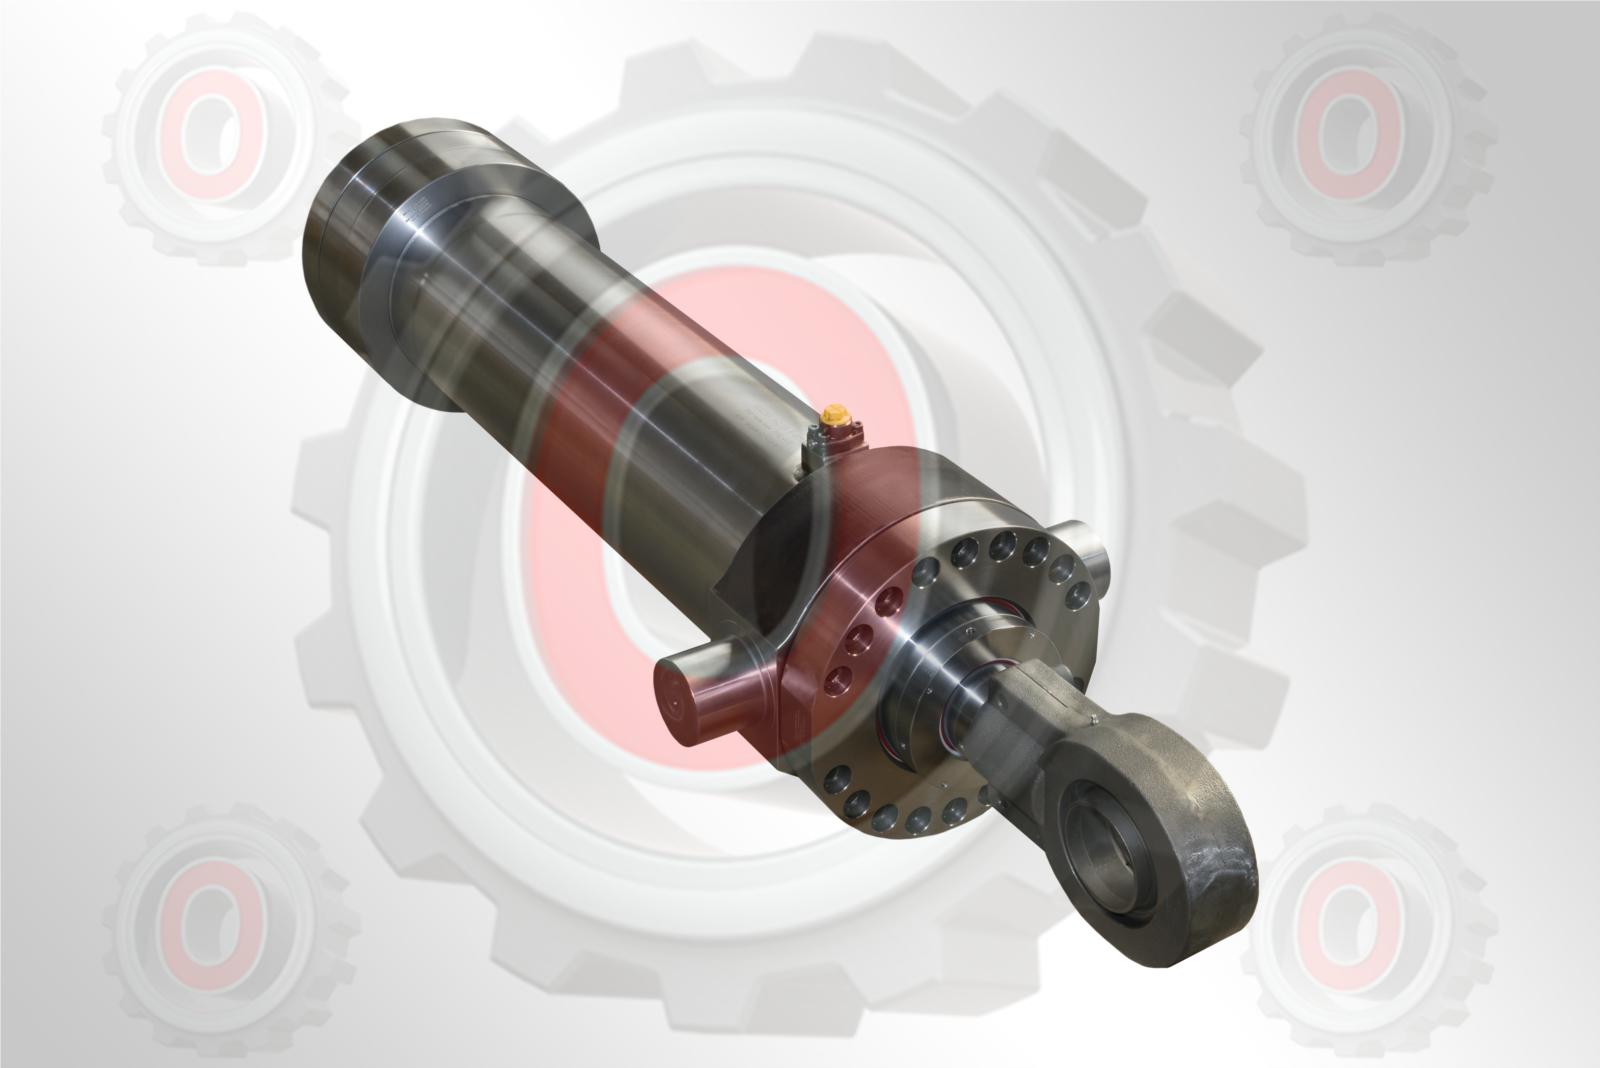 OMAS, Cilindri idraulici e stampa 3D